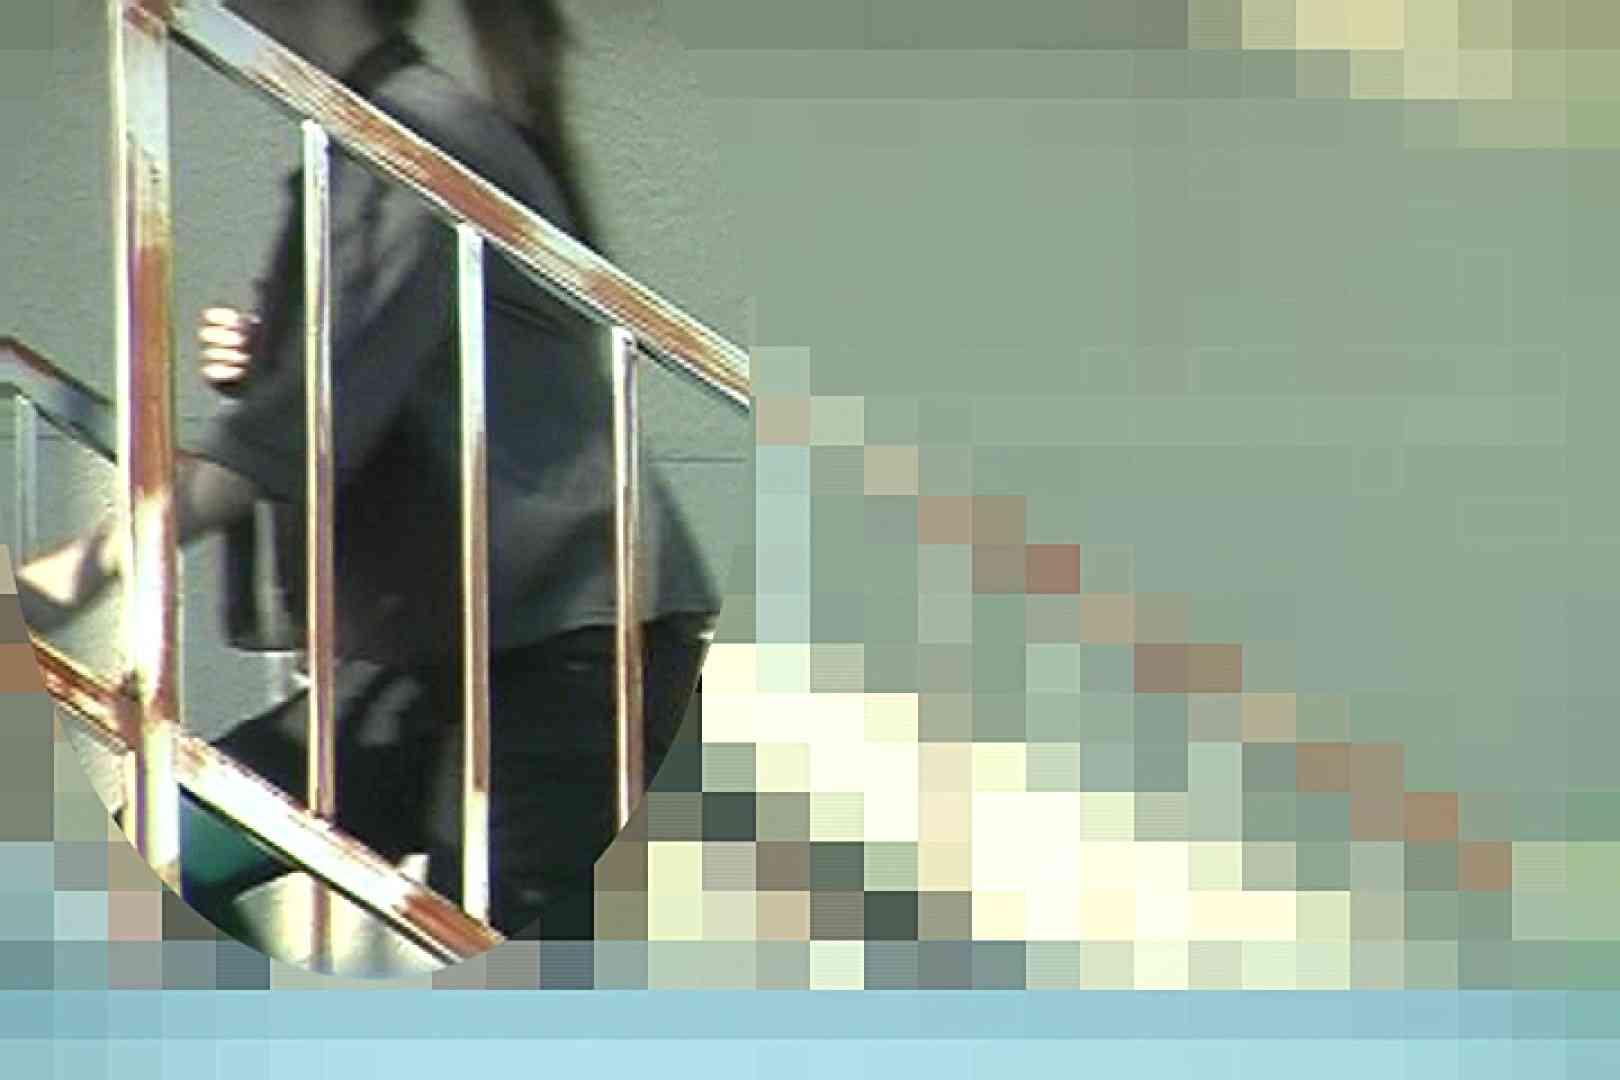 Aquaな露天風呂Vol.25 露天   盗撮特集  106画像 1